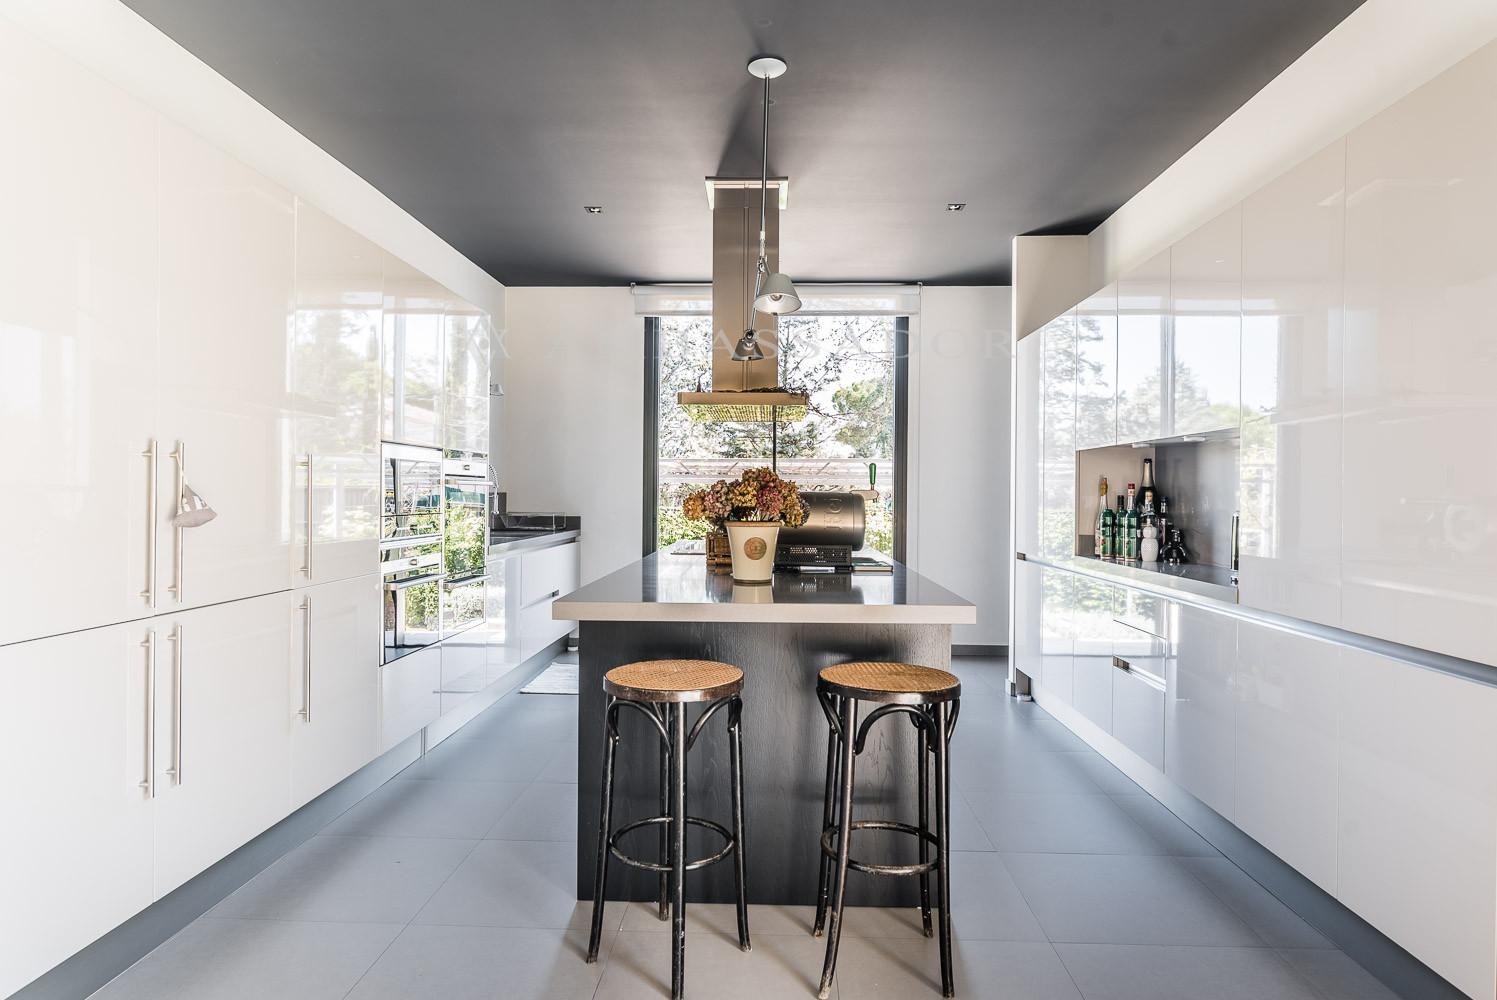 Fantástica cocina gourmet que comunica con el comedor con una gran puerta corredera.